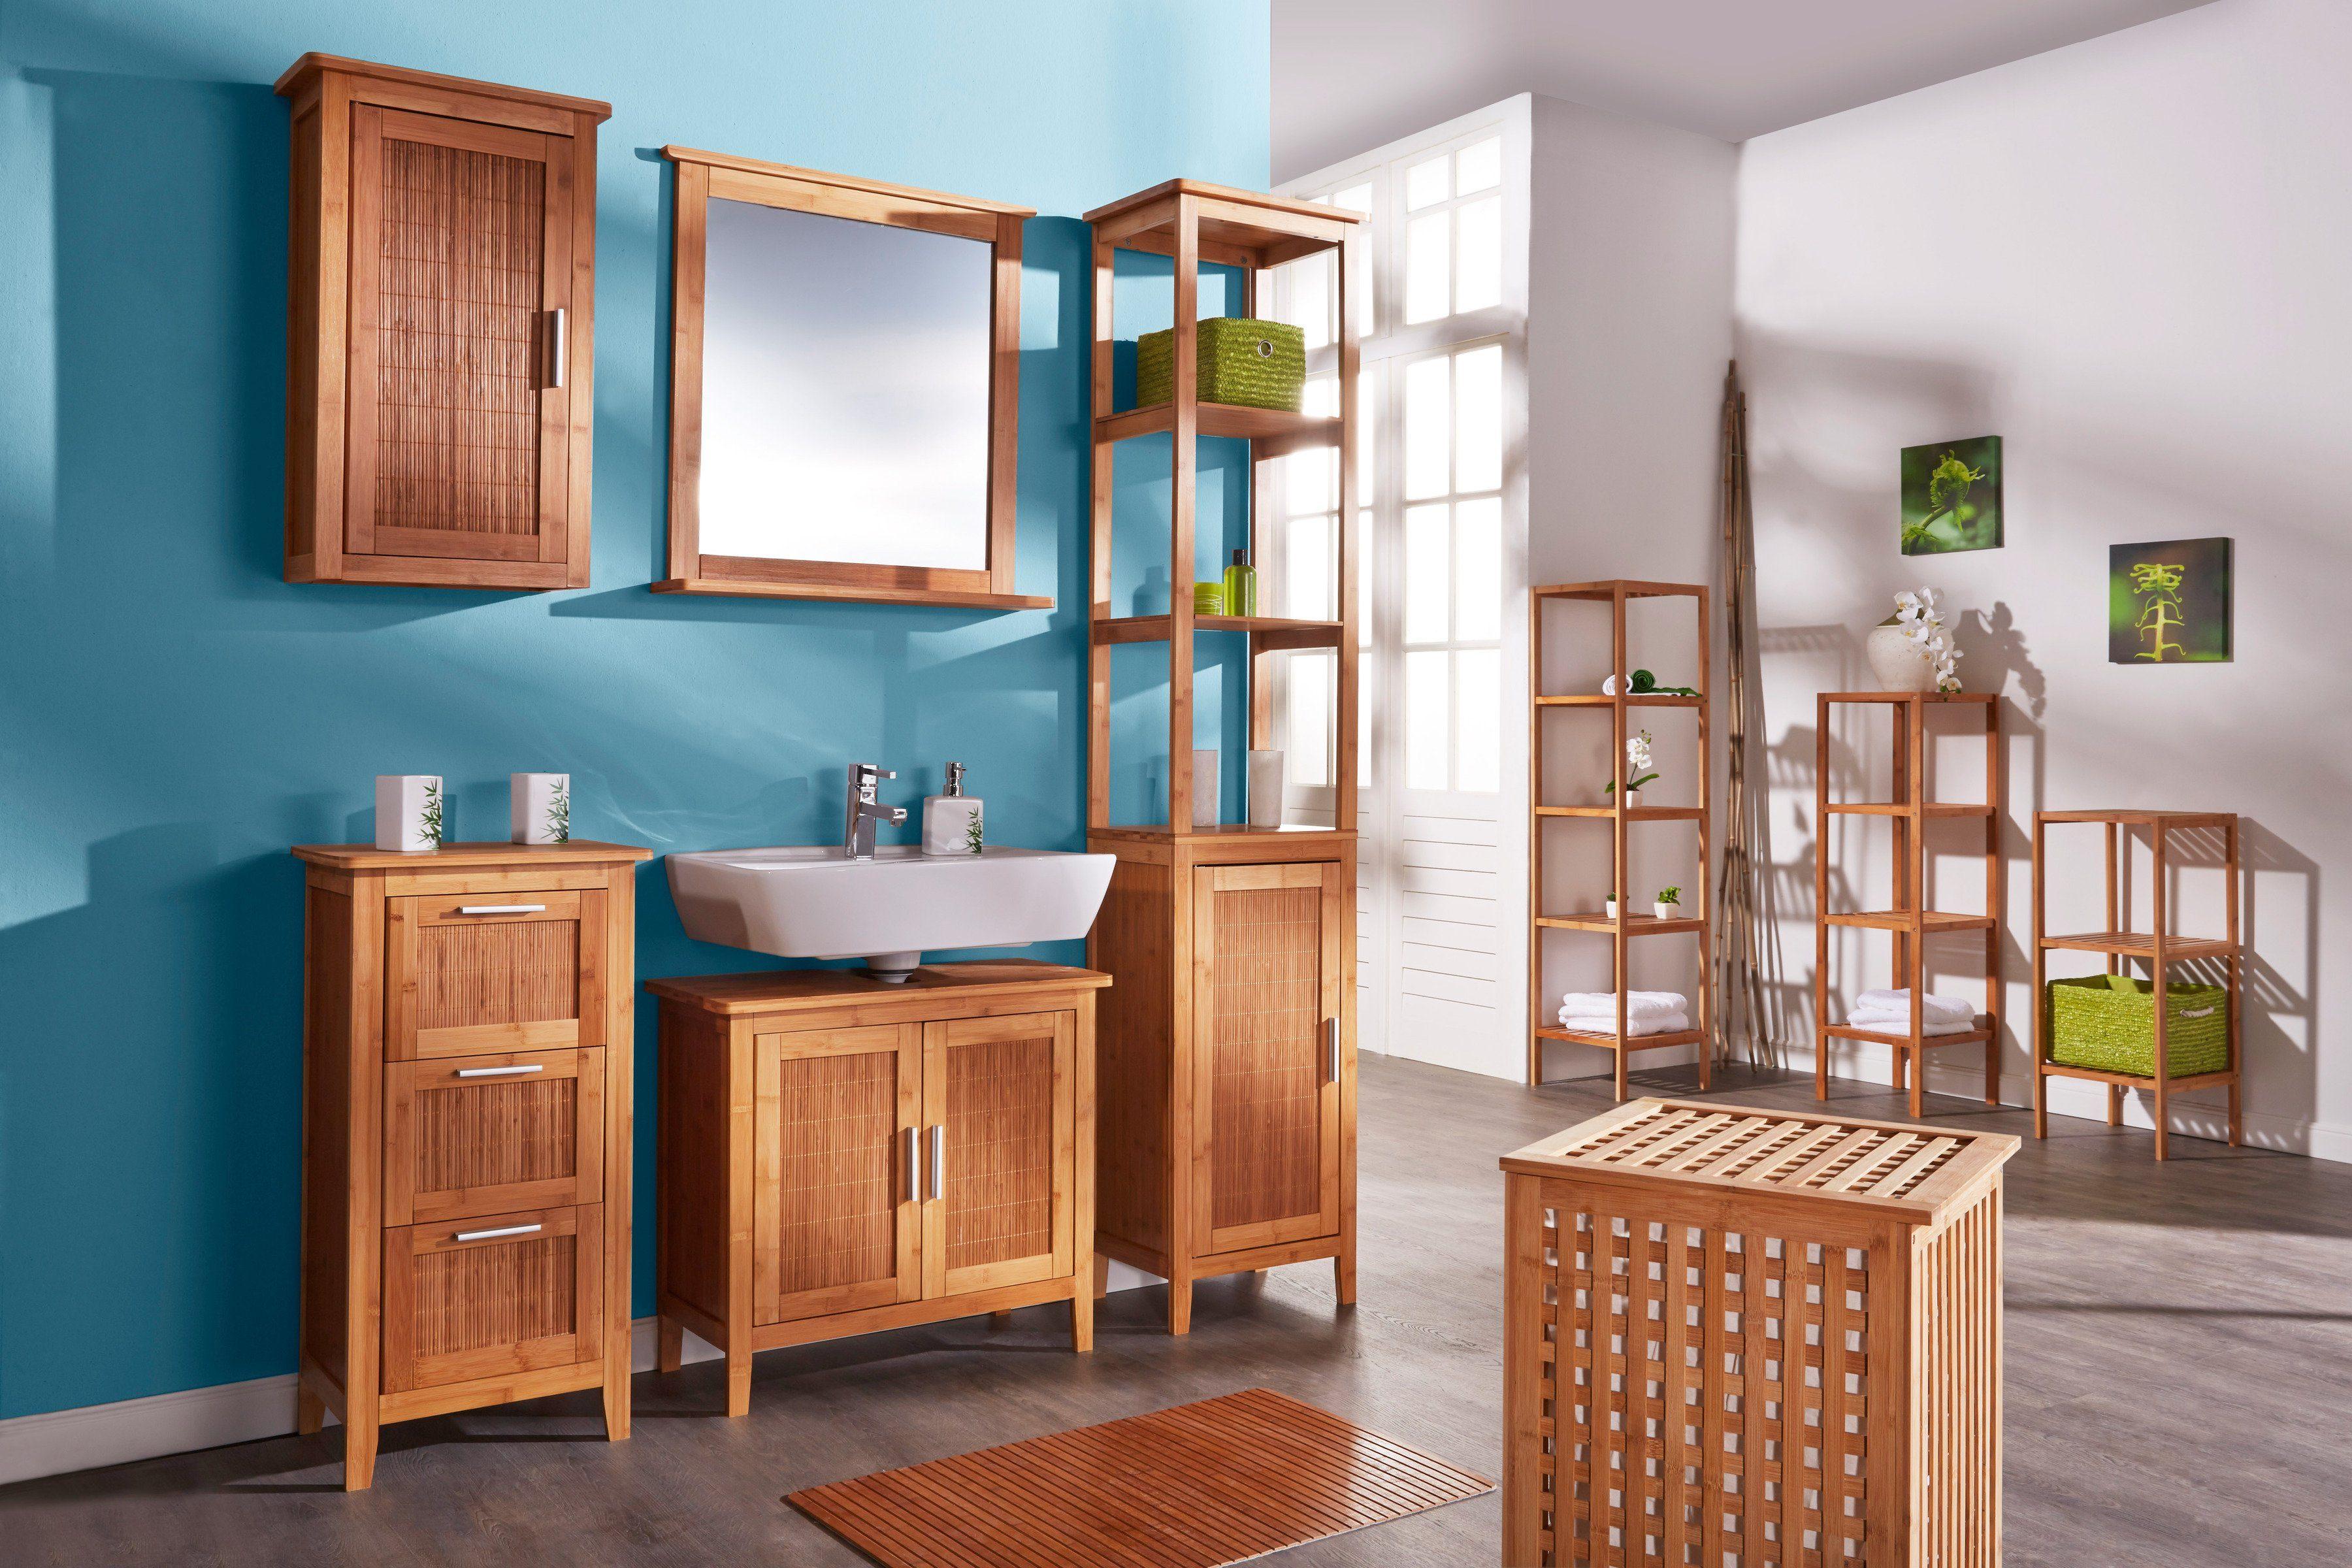 Vers badkamer galerij van smalle kast badkamer decorative